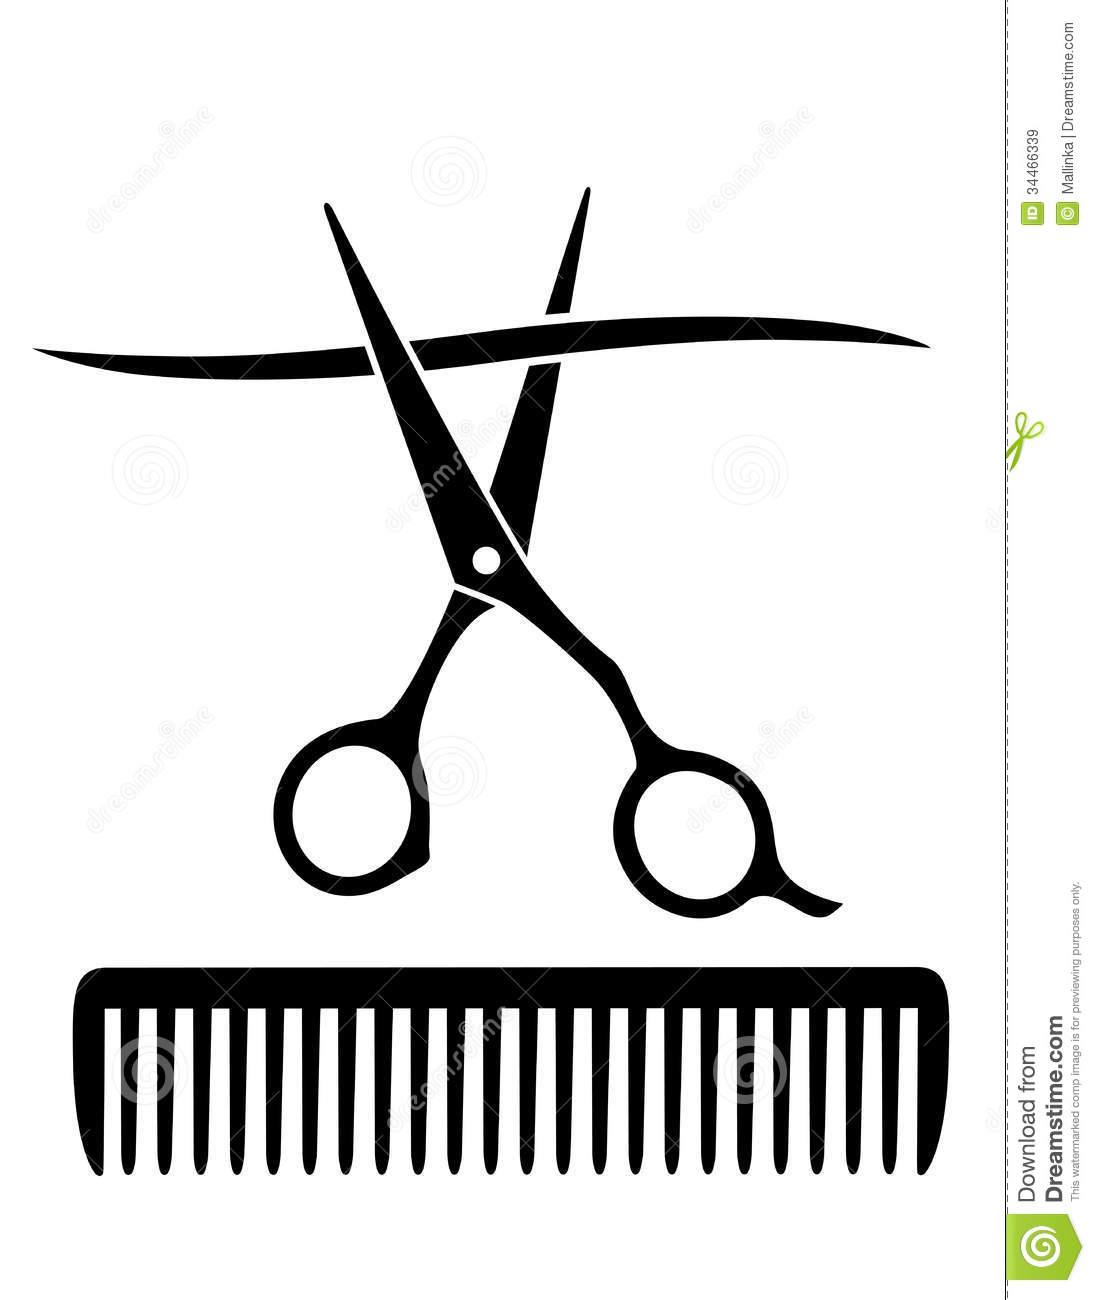 Comb And Scissors Vector at GetDrawings.com.